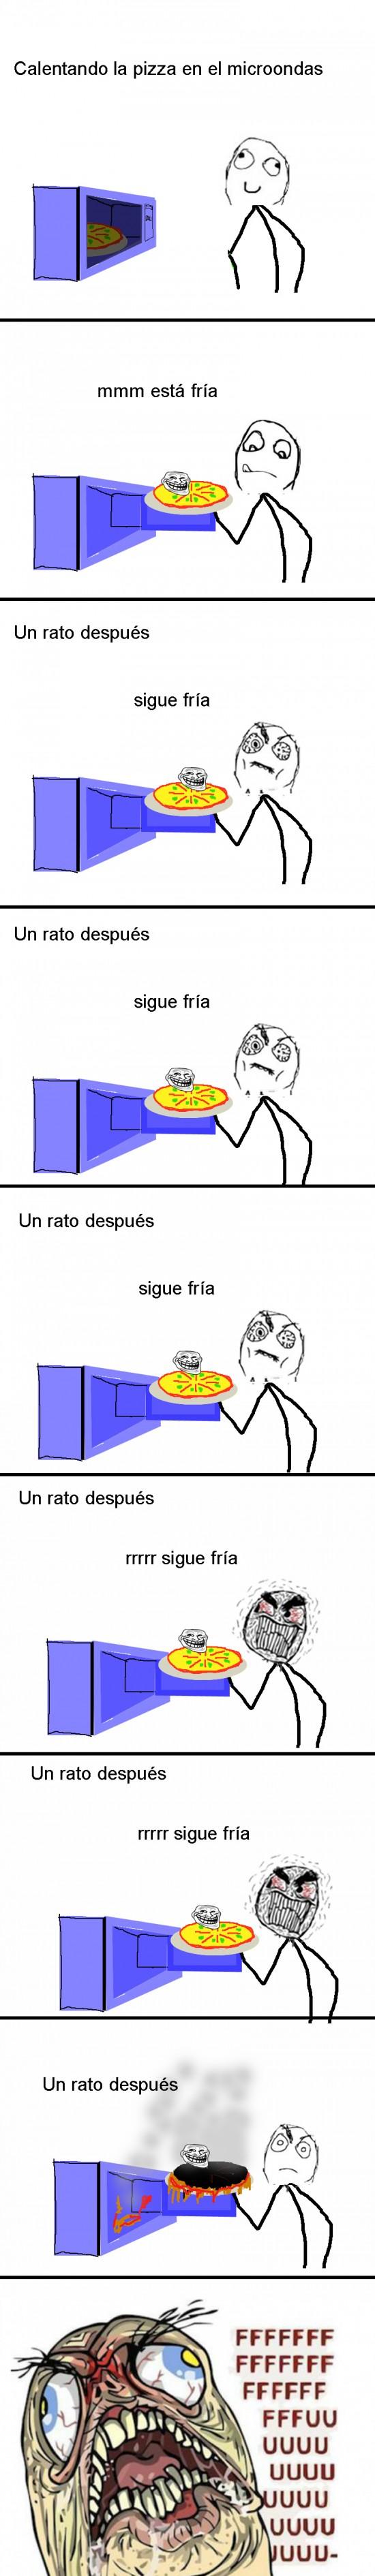 Ffffuuuuuuuuuu - La pizza en el microondas